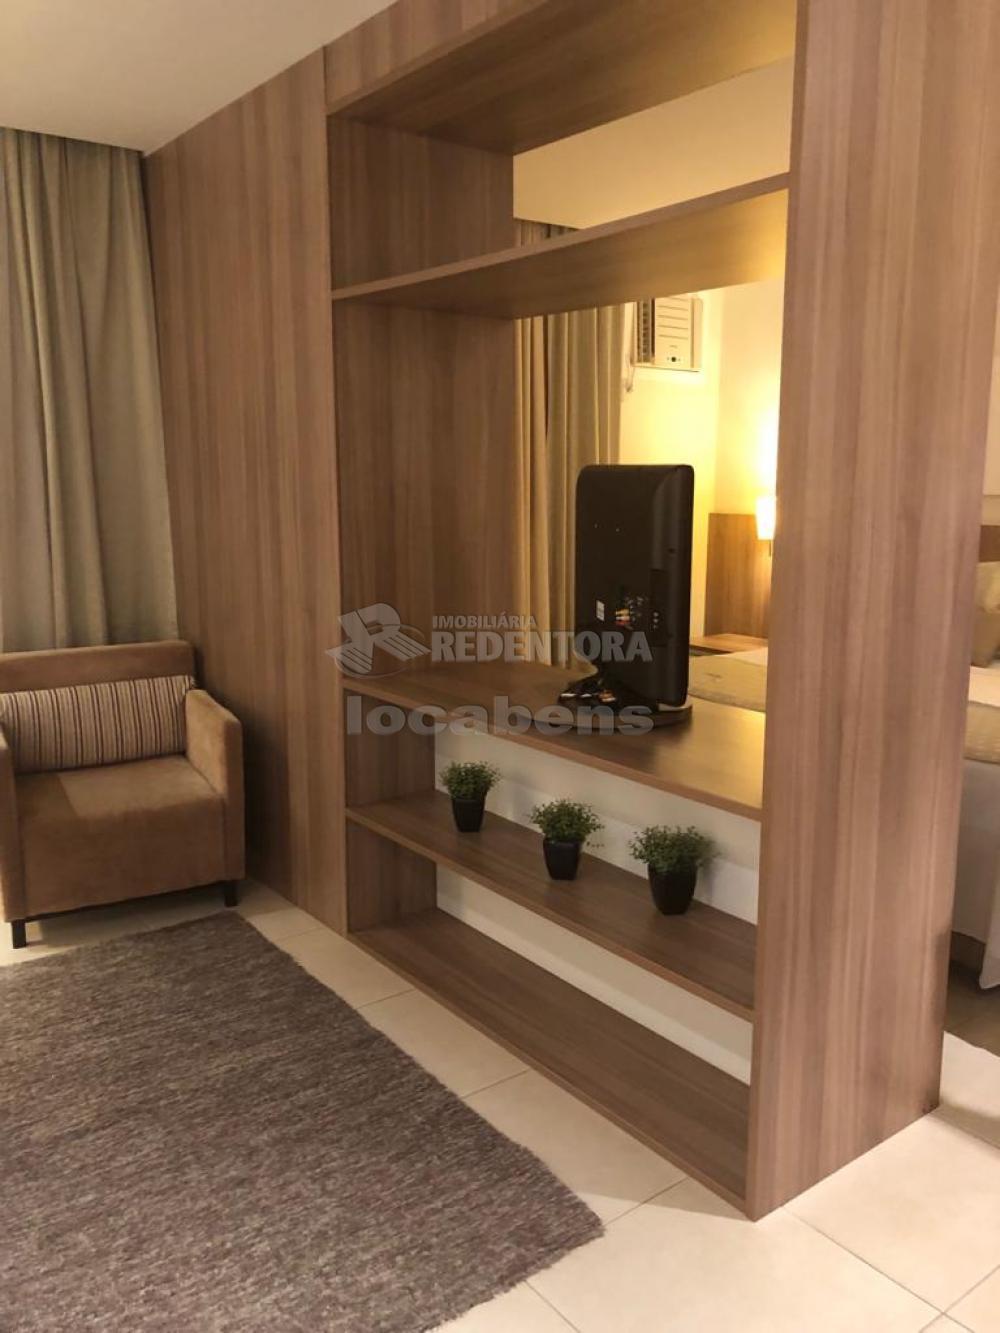 Comprar Apartamento / Flat em São José do Rio Preto R$ 300.000,00 - Foto 2